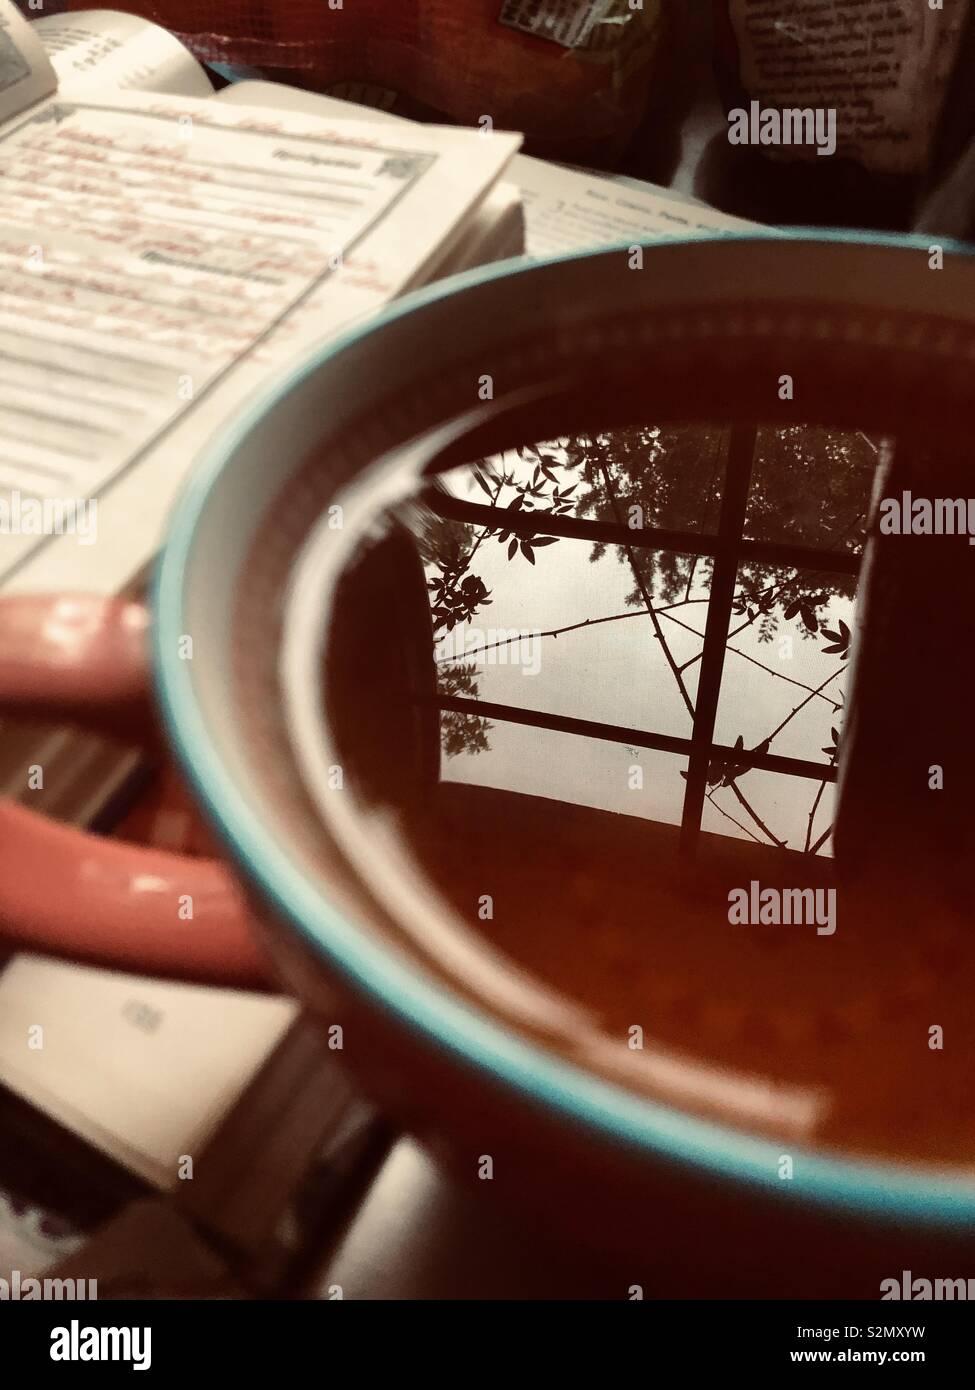 Nahaufnahme von einer Tasse schwarzen Tee mit einem Fenster Reflexion, und eine handgeschriebene Notizen in ein Notebook im Hintergrund Stockfoto